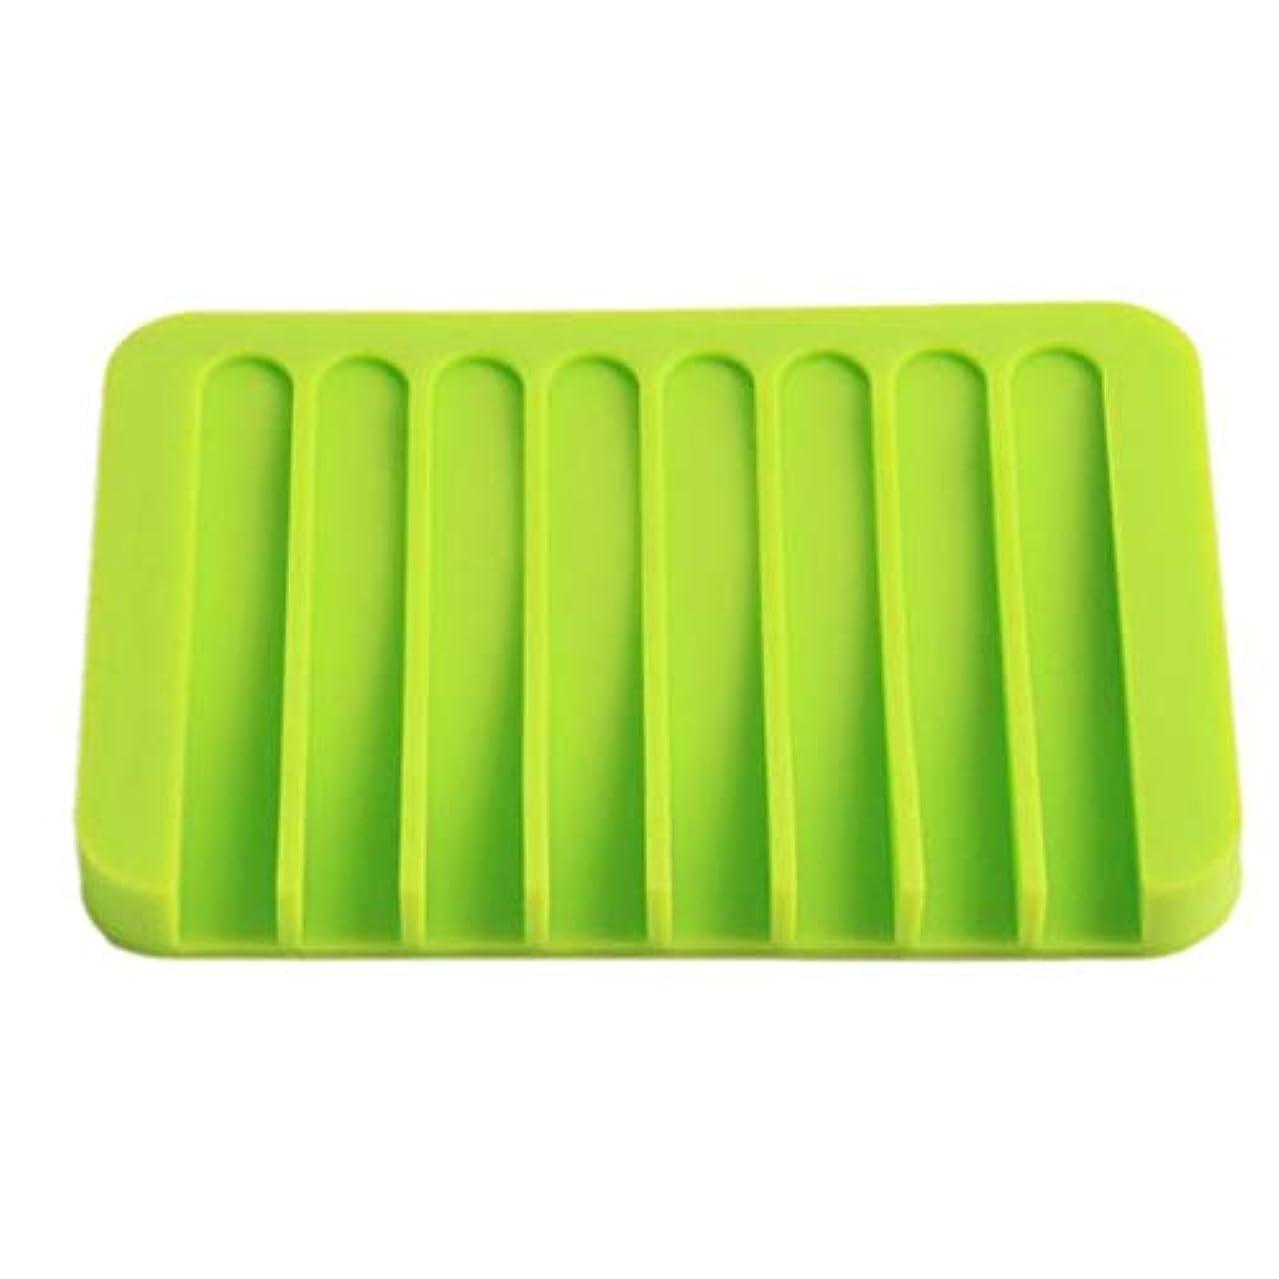 背の高い読書をするラテンOnior プレミアム品質のシリコーン浴室柔軟な石鹸皿ソープホルダー収納ソープボックスプレートトレイ排水、グリーン